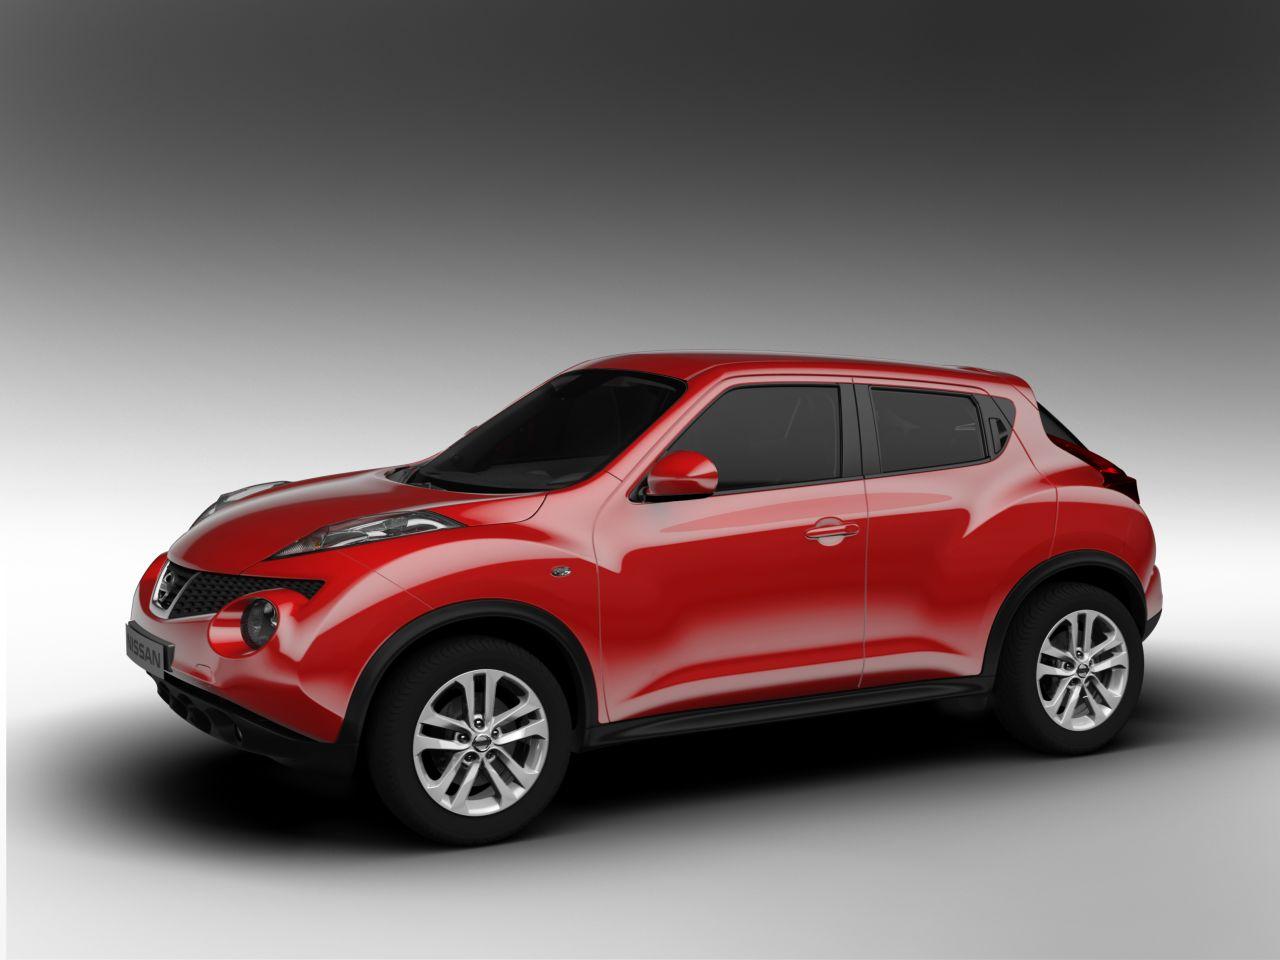 Nissan Juke: immagini ufficiali e caratteristiche del nuovo crossover compatto